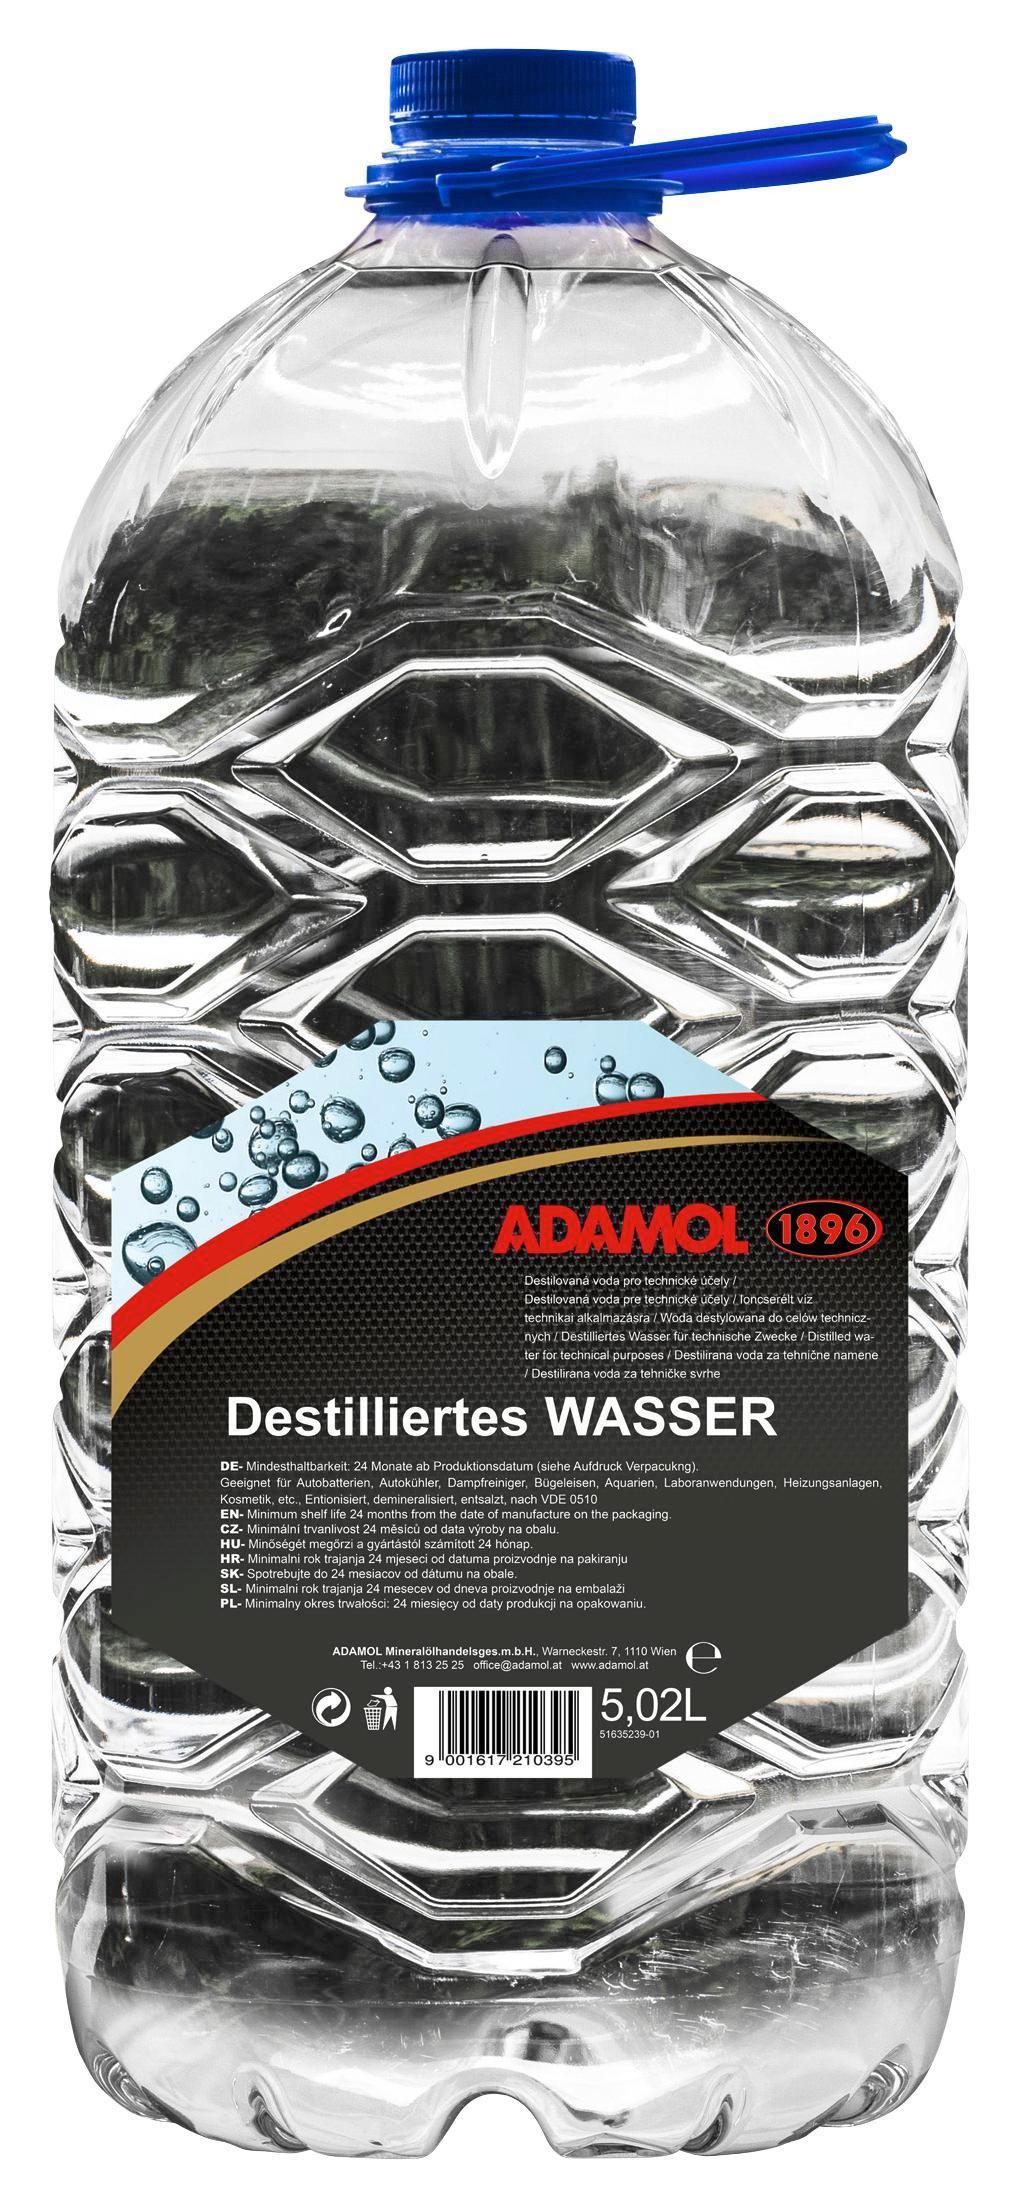 Destilliertes wasser adamol online kaufen ➤ möbelix